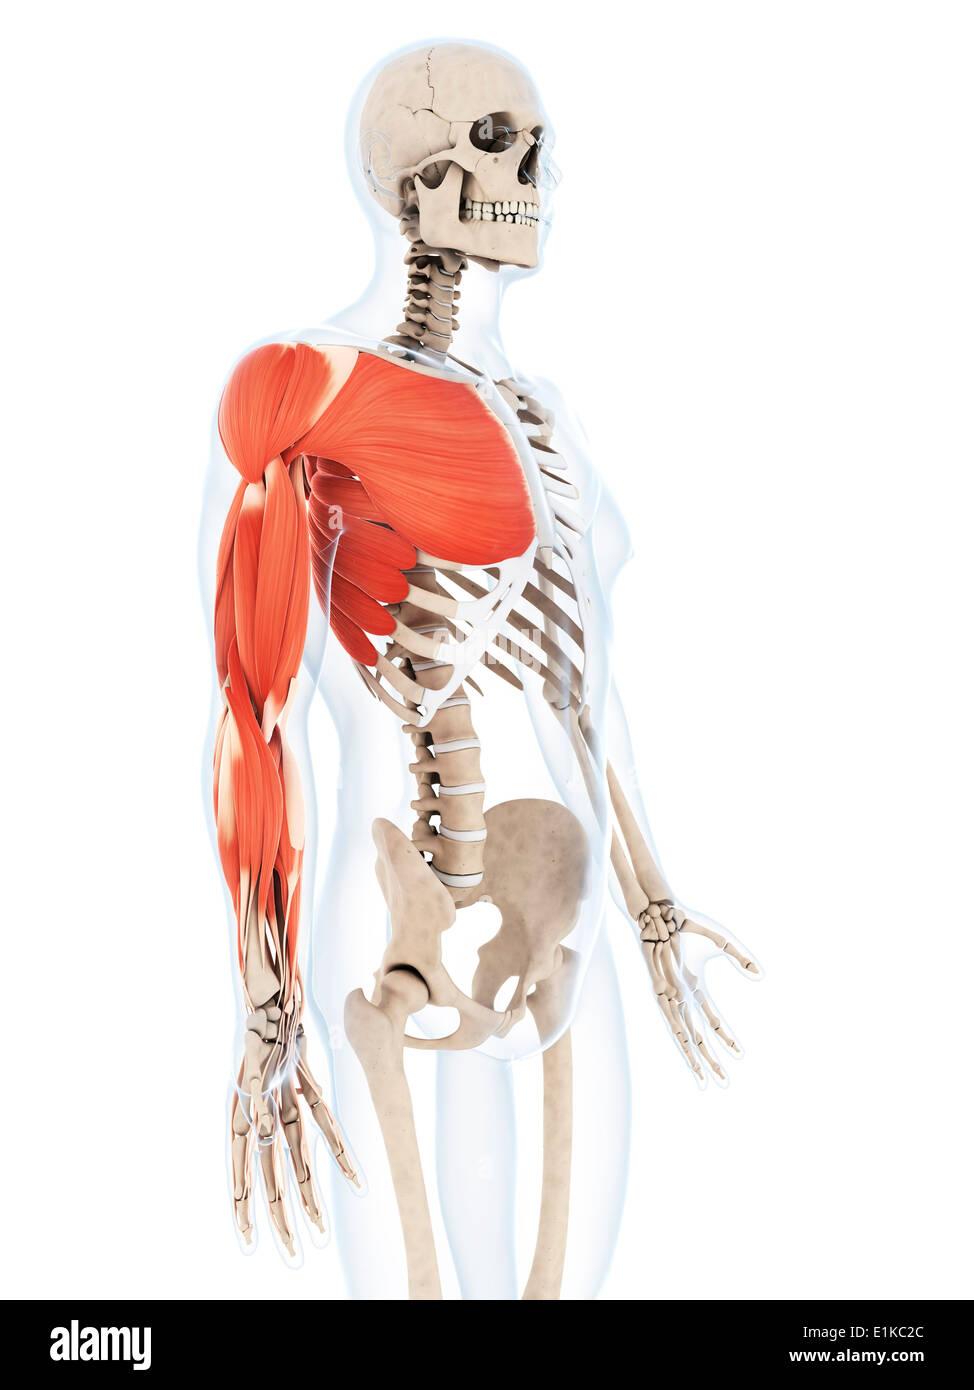 Menschliche Muskulatur des Arm Computer Kunstwerks Stockfoto, Bild ...